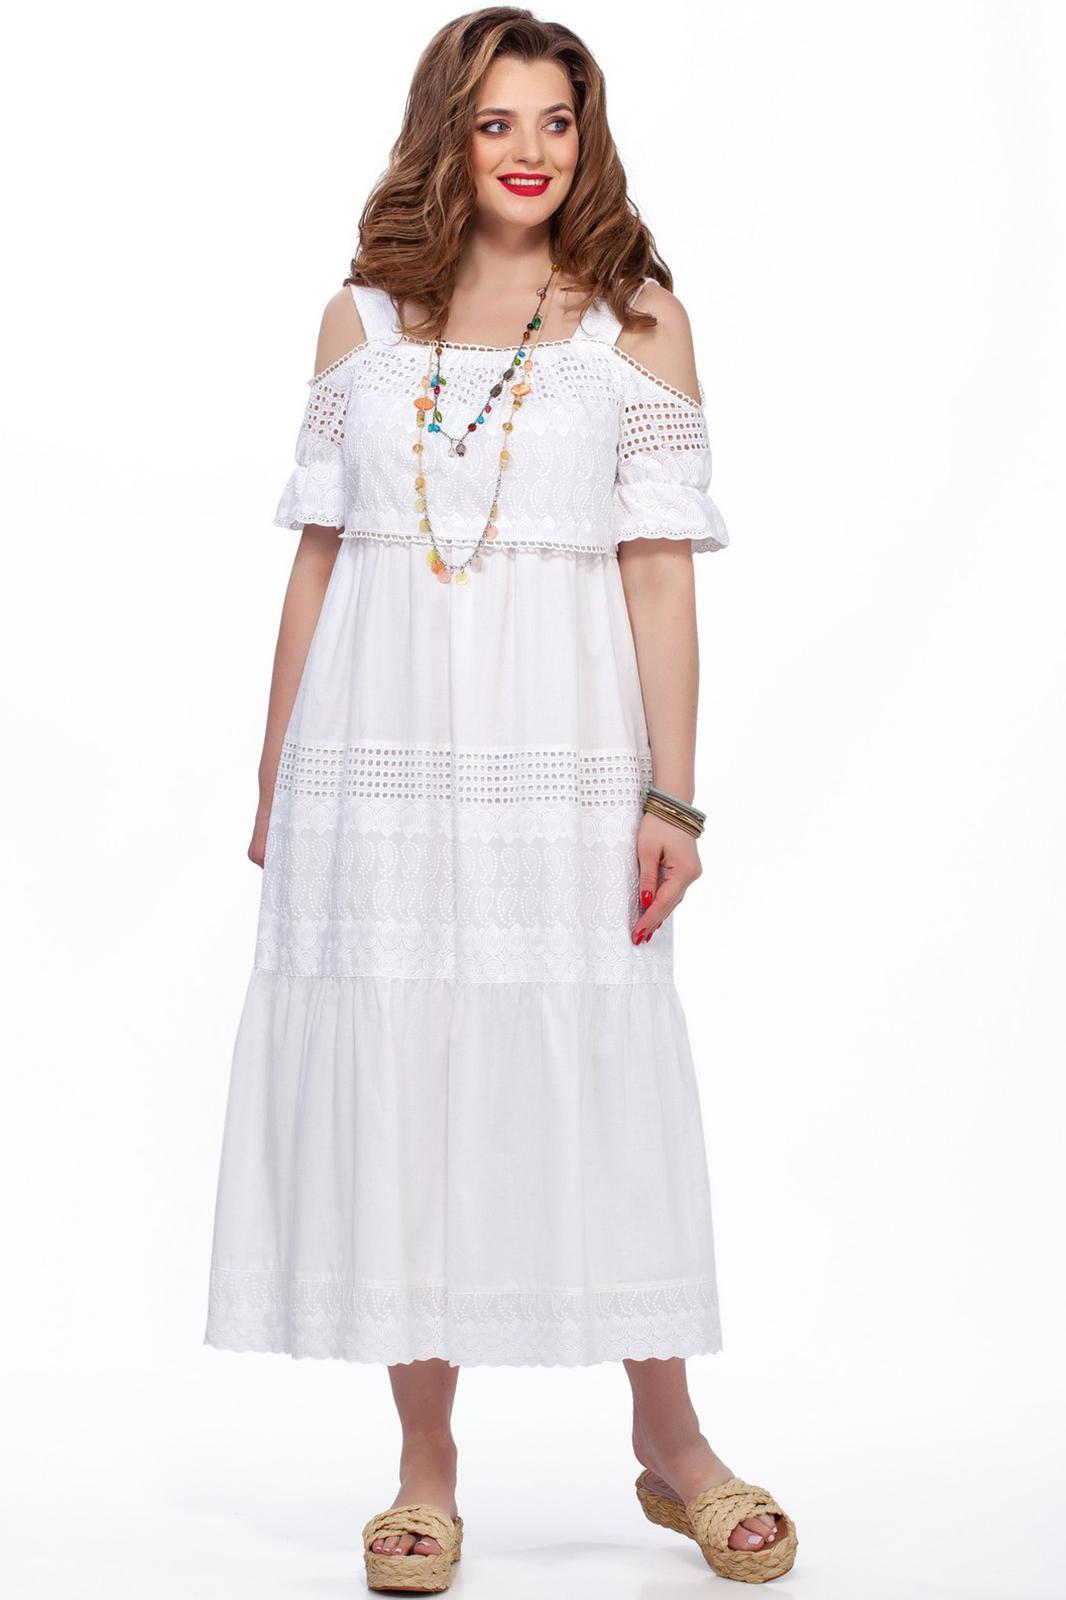 eea089da266 Модная женская одежда оптом и в розницу из Беларуси